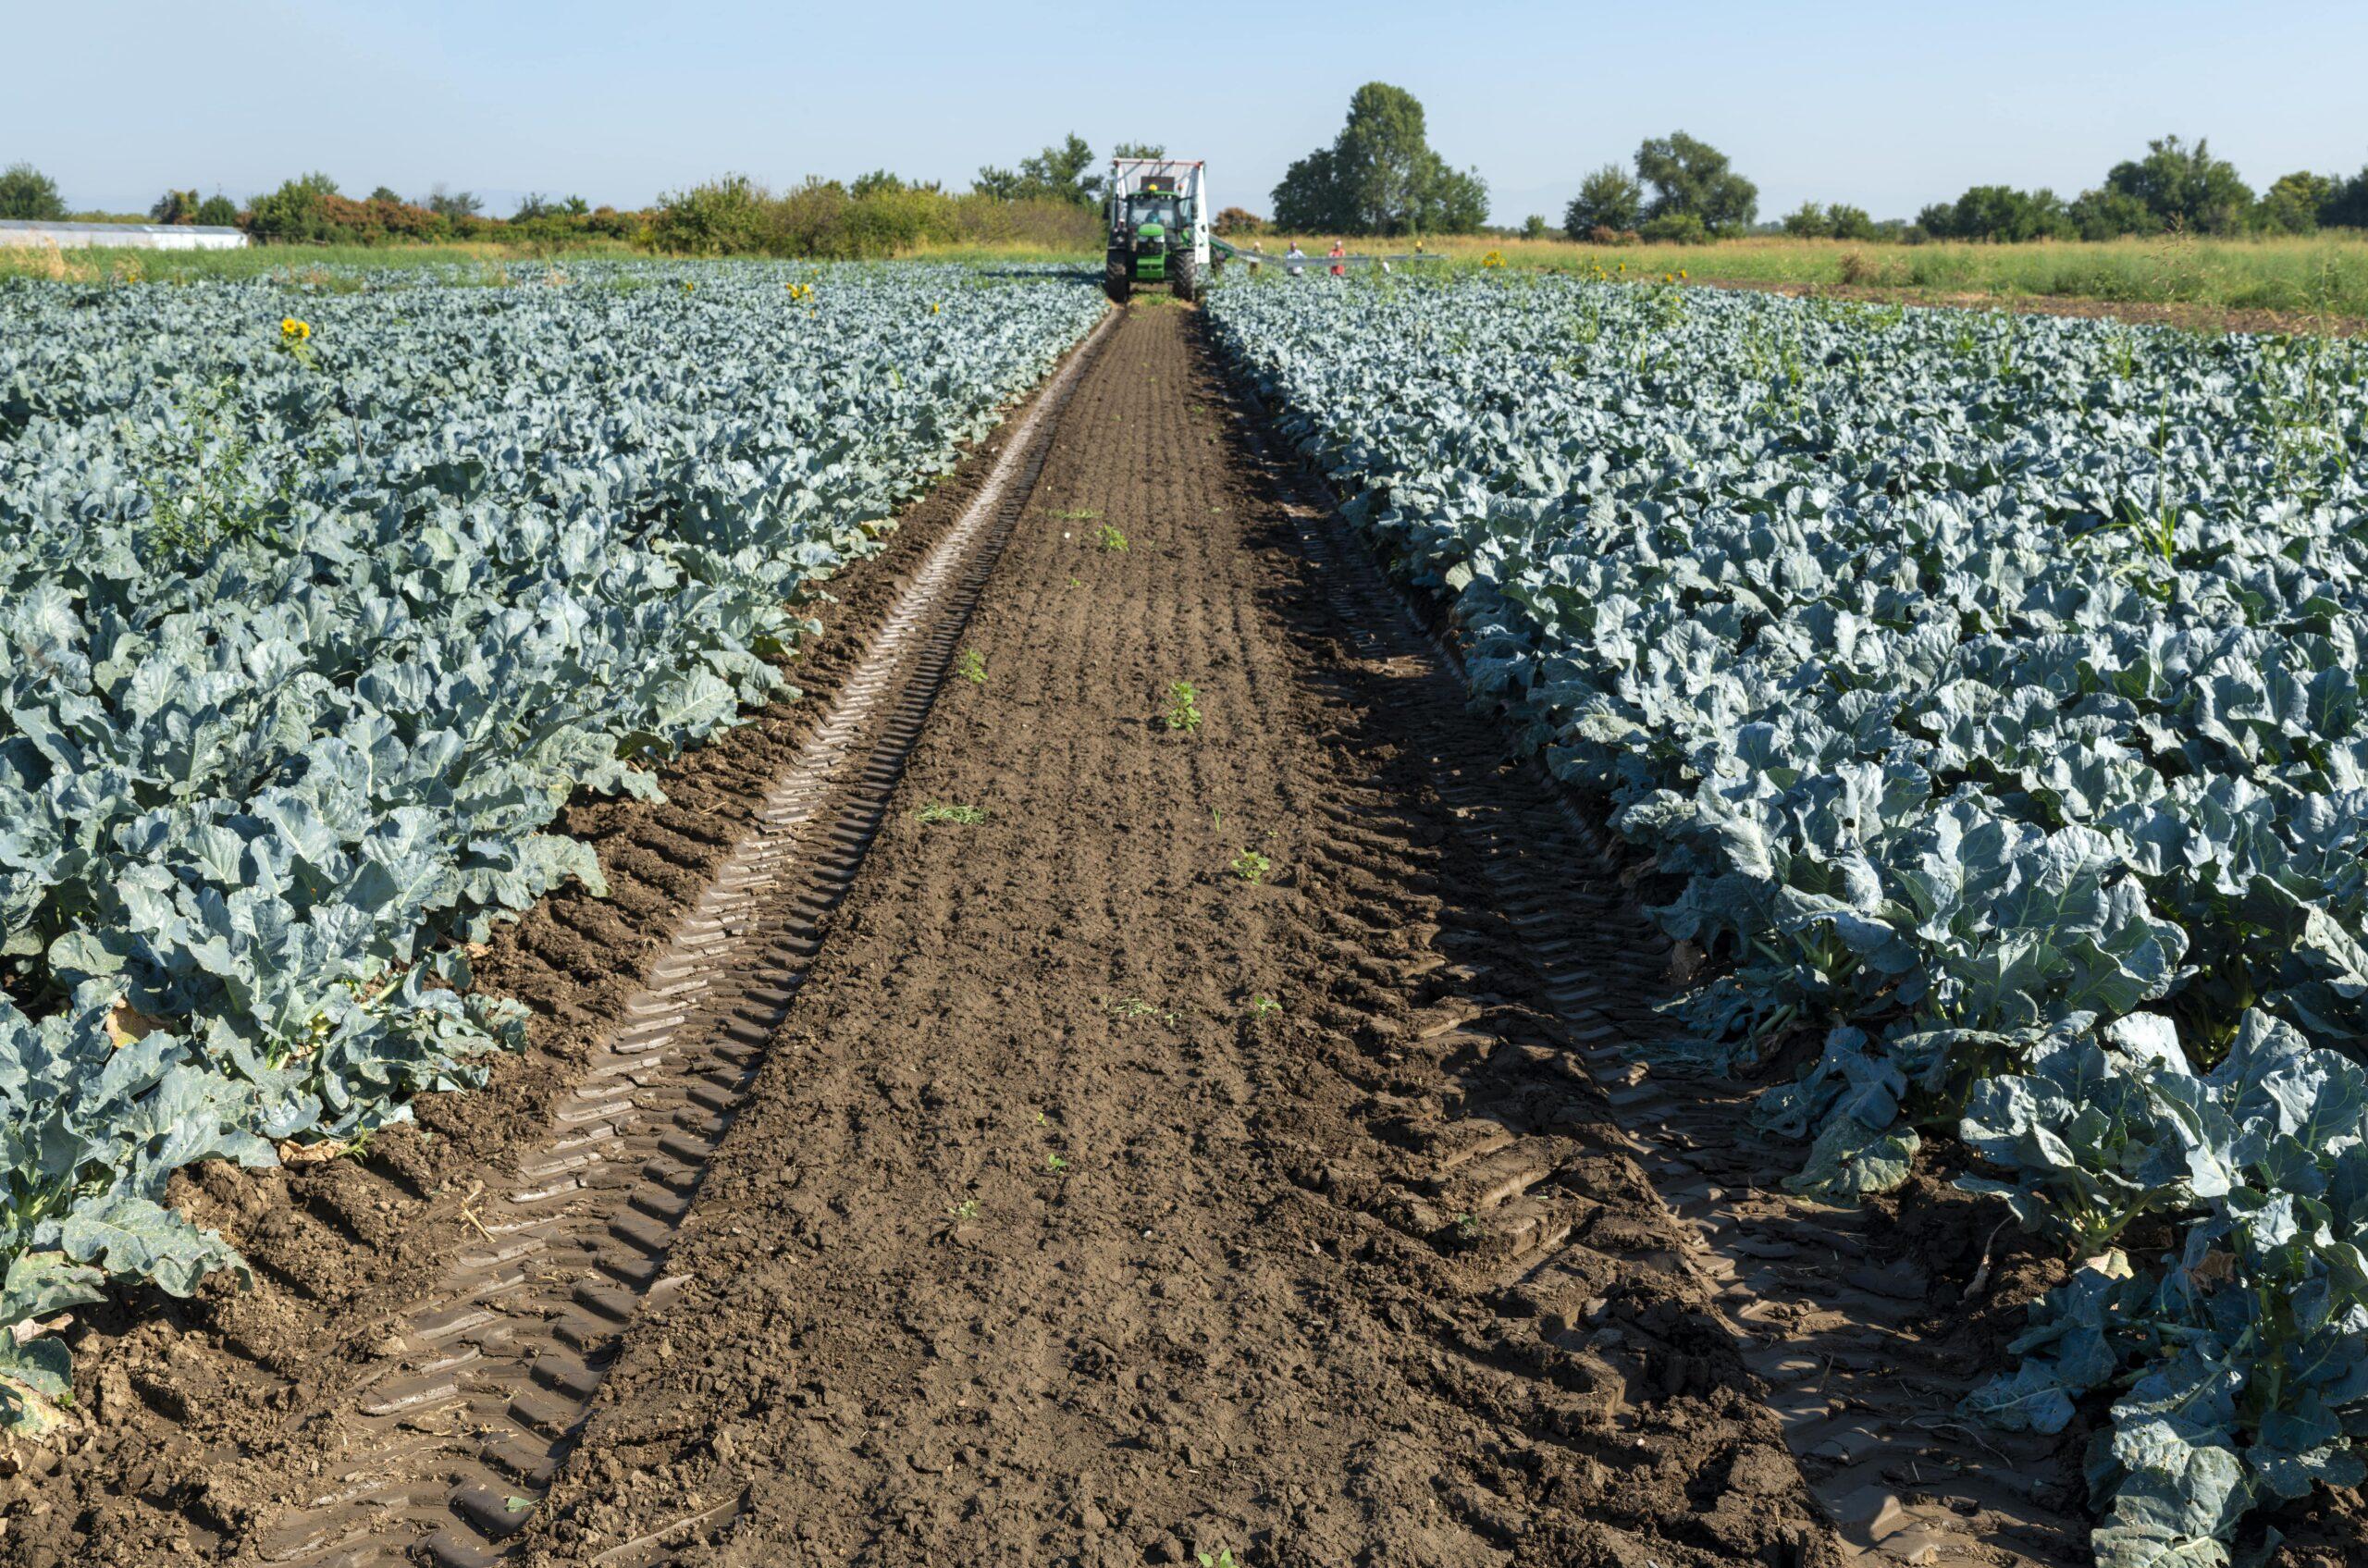 Aprobado el programa de ayudas para la realización de actuaciones de eficiencia energética en explotaciones agropecuarias